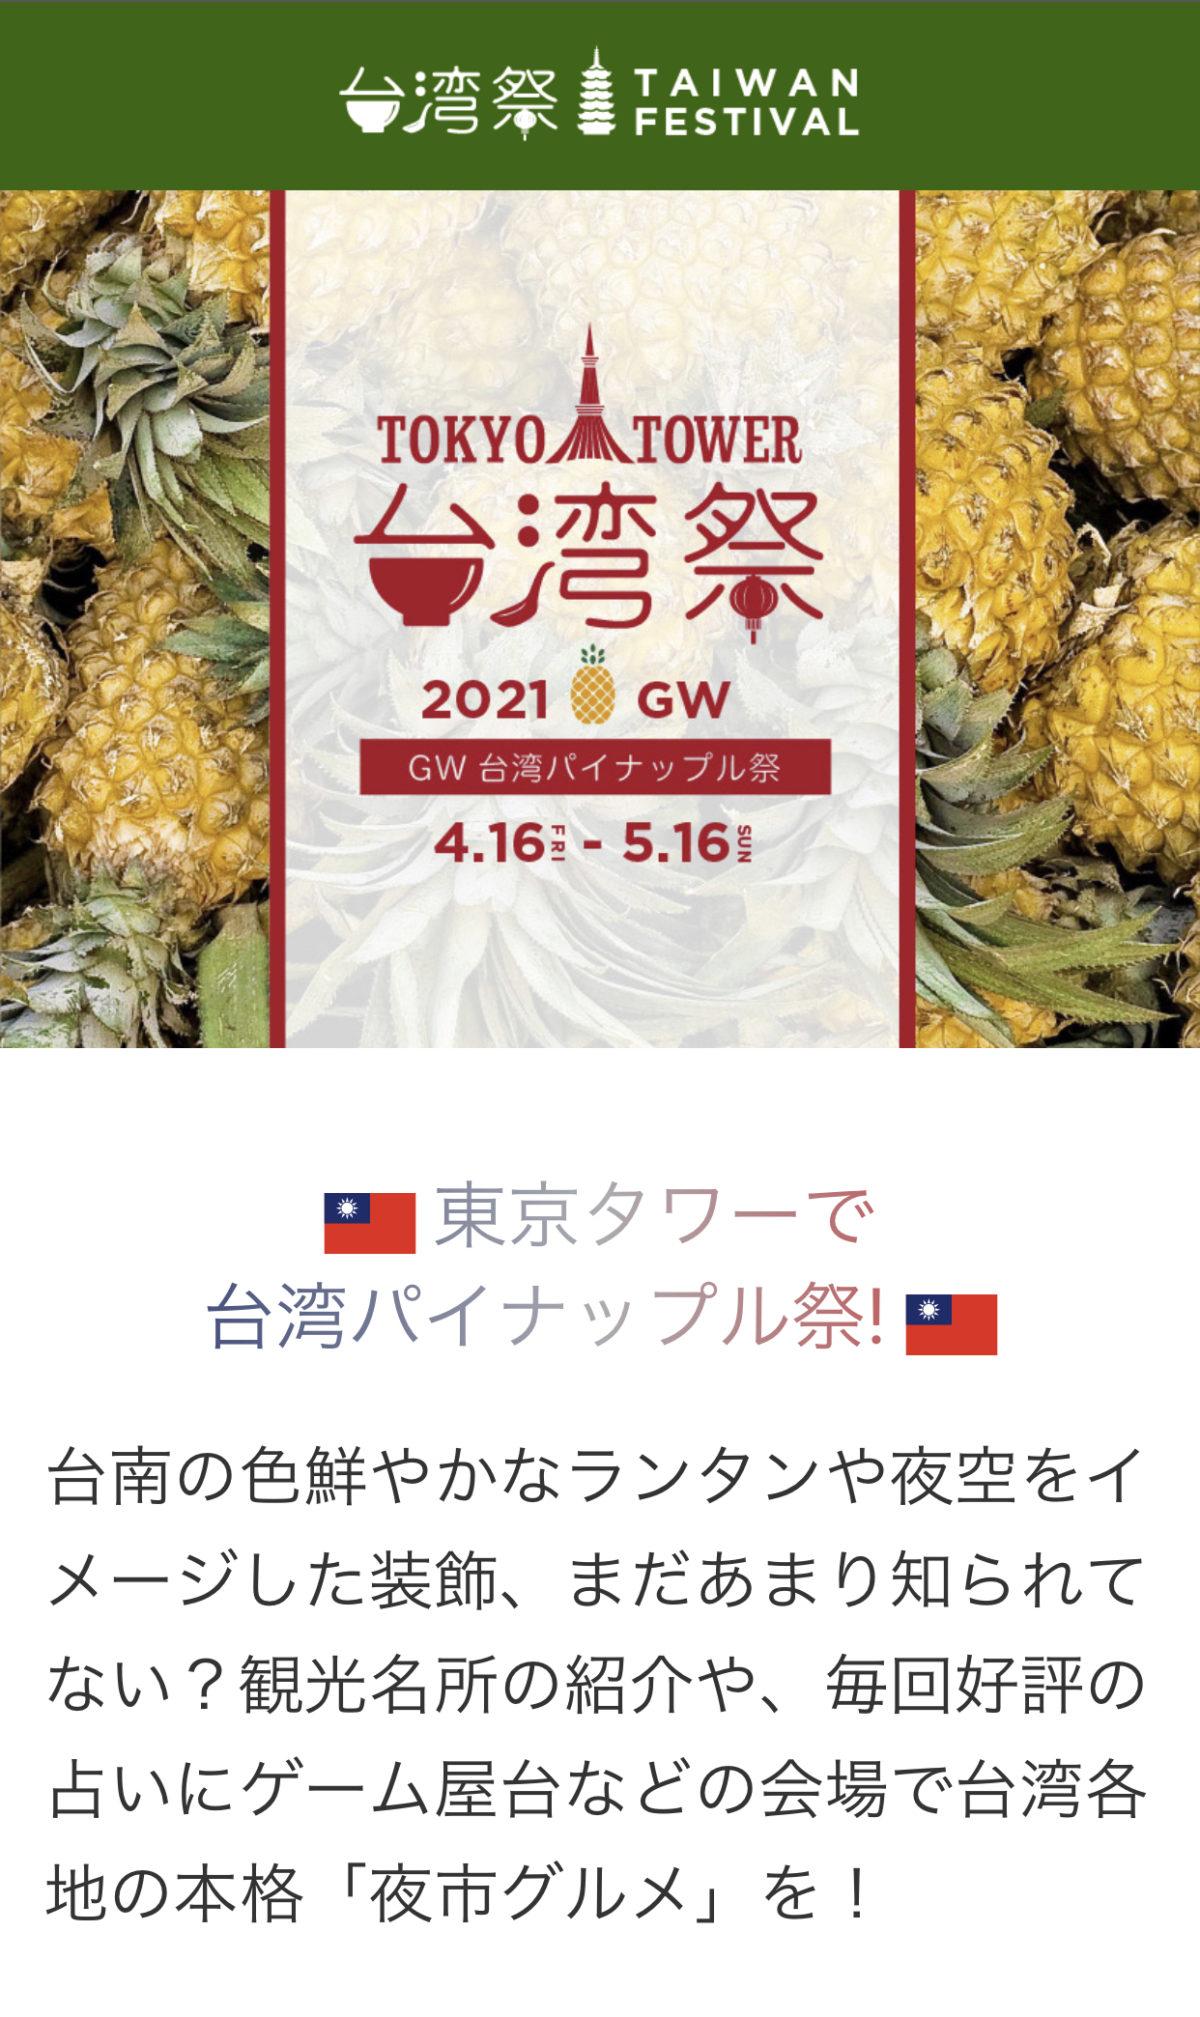 東京タワー台湾祭2021 GW 〜GW台湾パイナップル祭〜